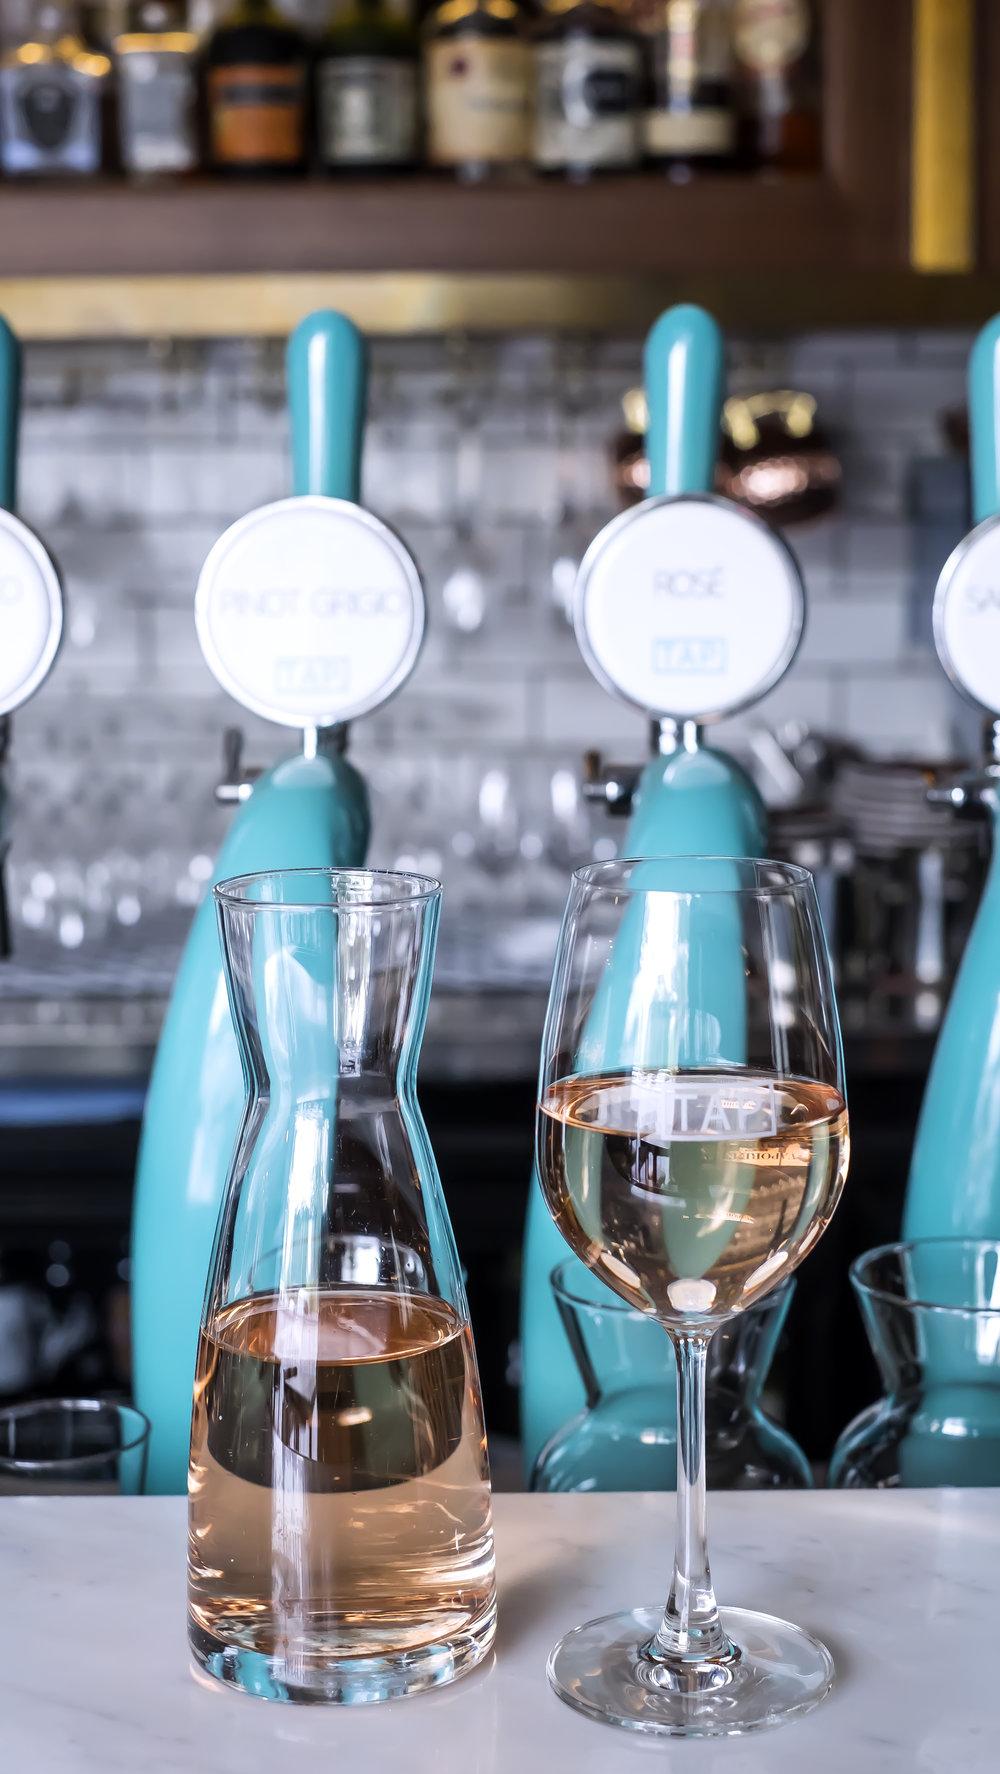 tap-wines-casper-and-casper-studio